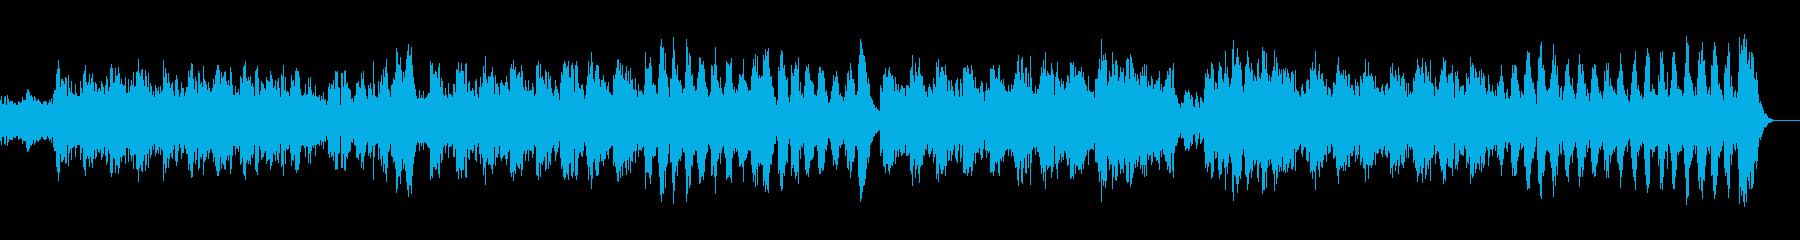 悲しげなピアノのメロディーのインストの再生済みの波形